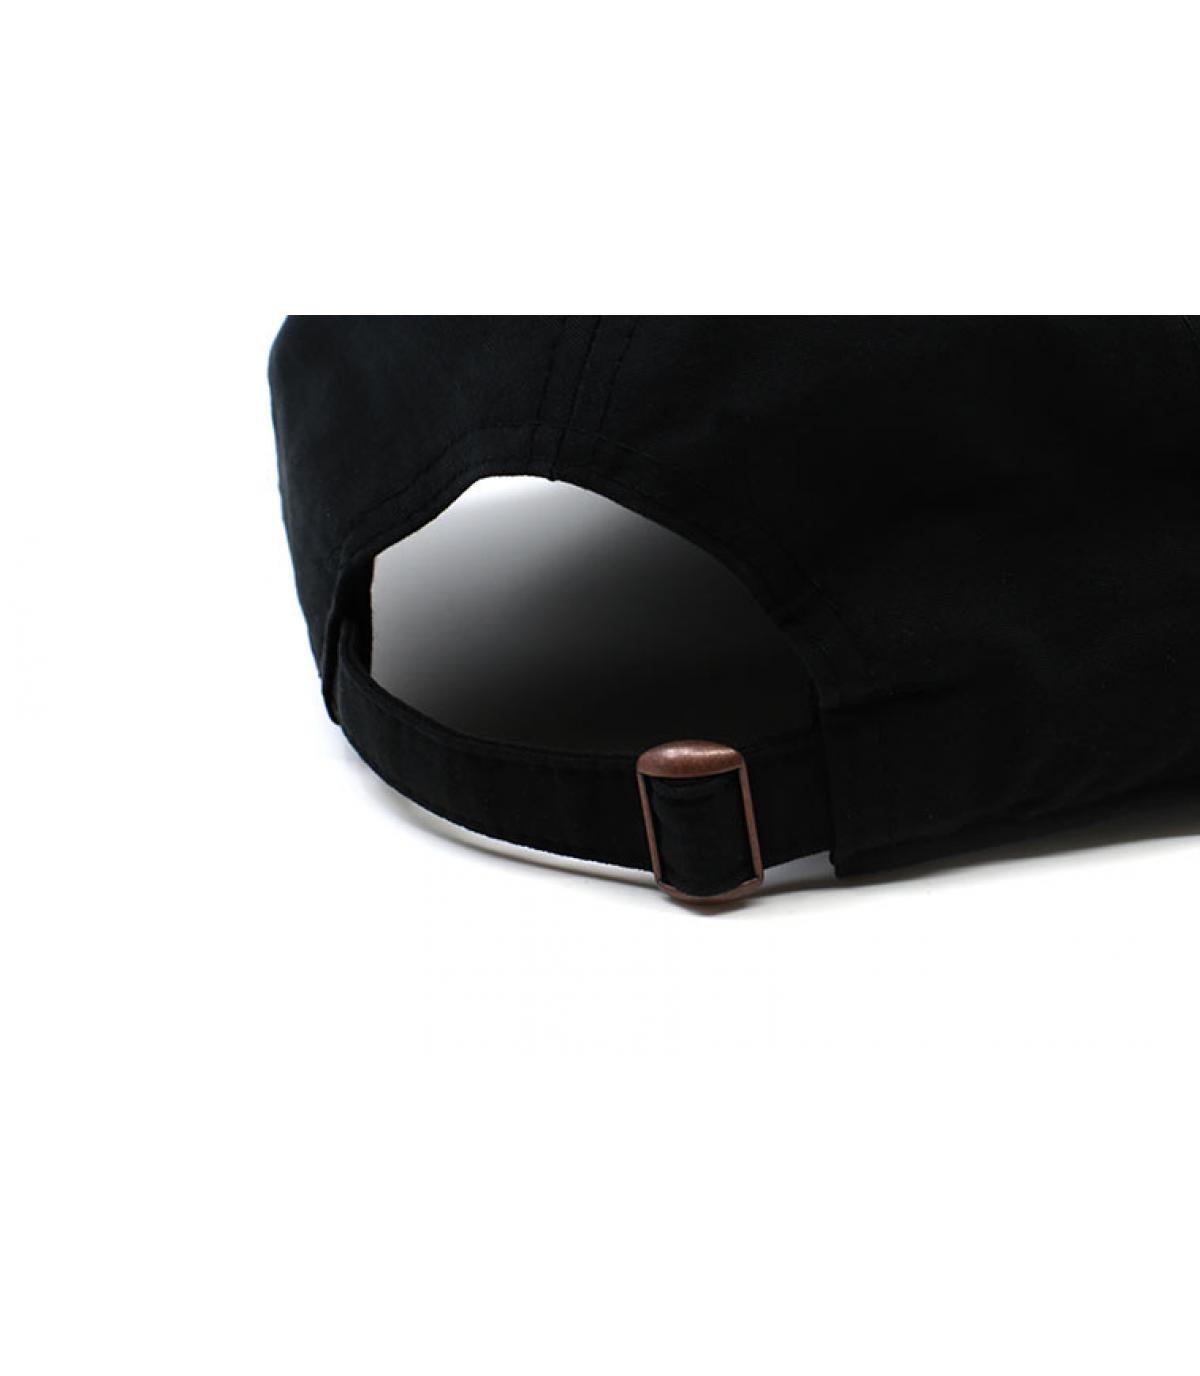 Détails Casquette Light Wight Nylon Packable 9Twenty NY black - image 5